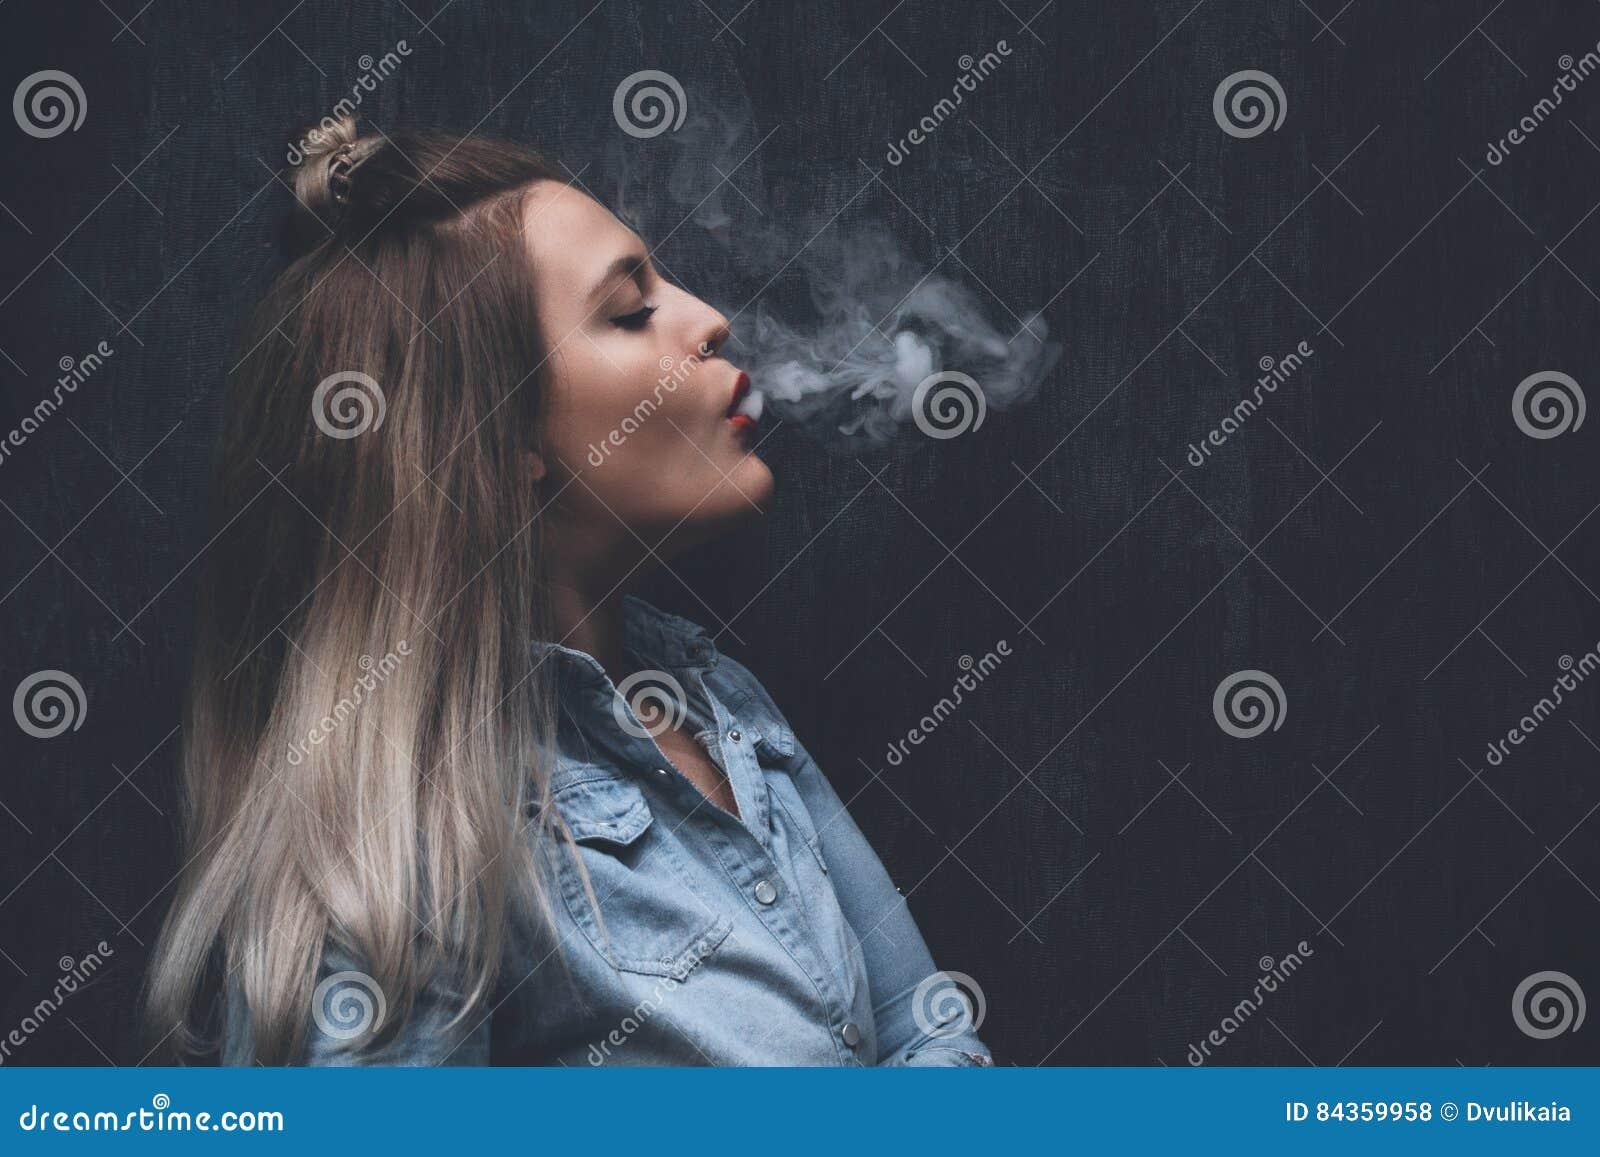 картинка девушка курит